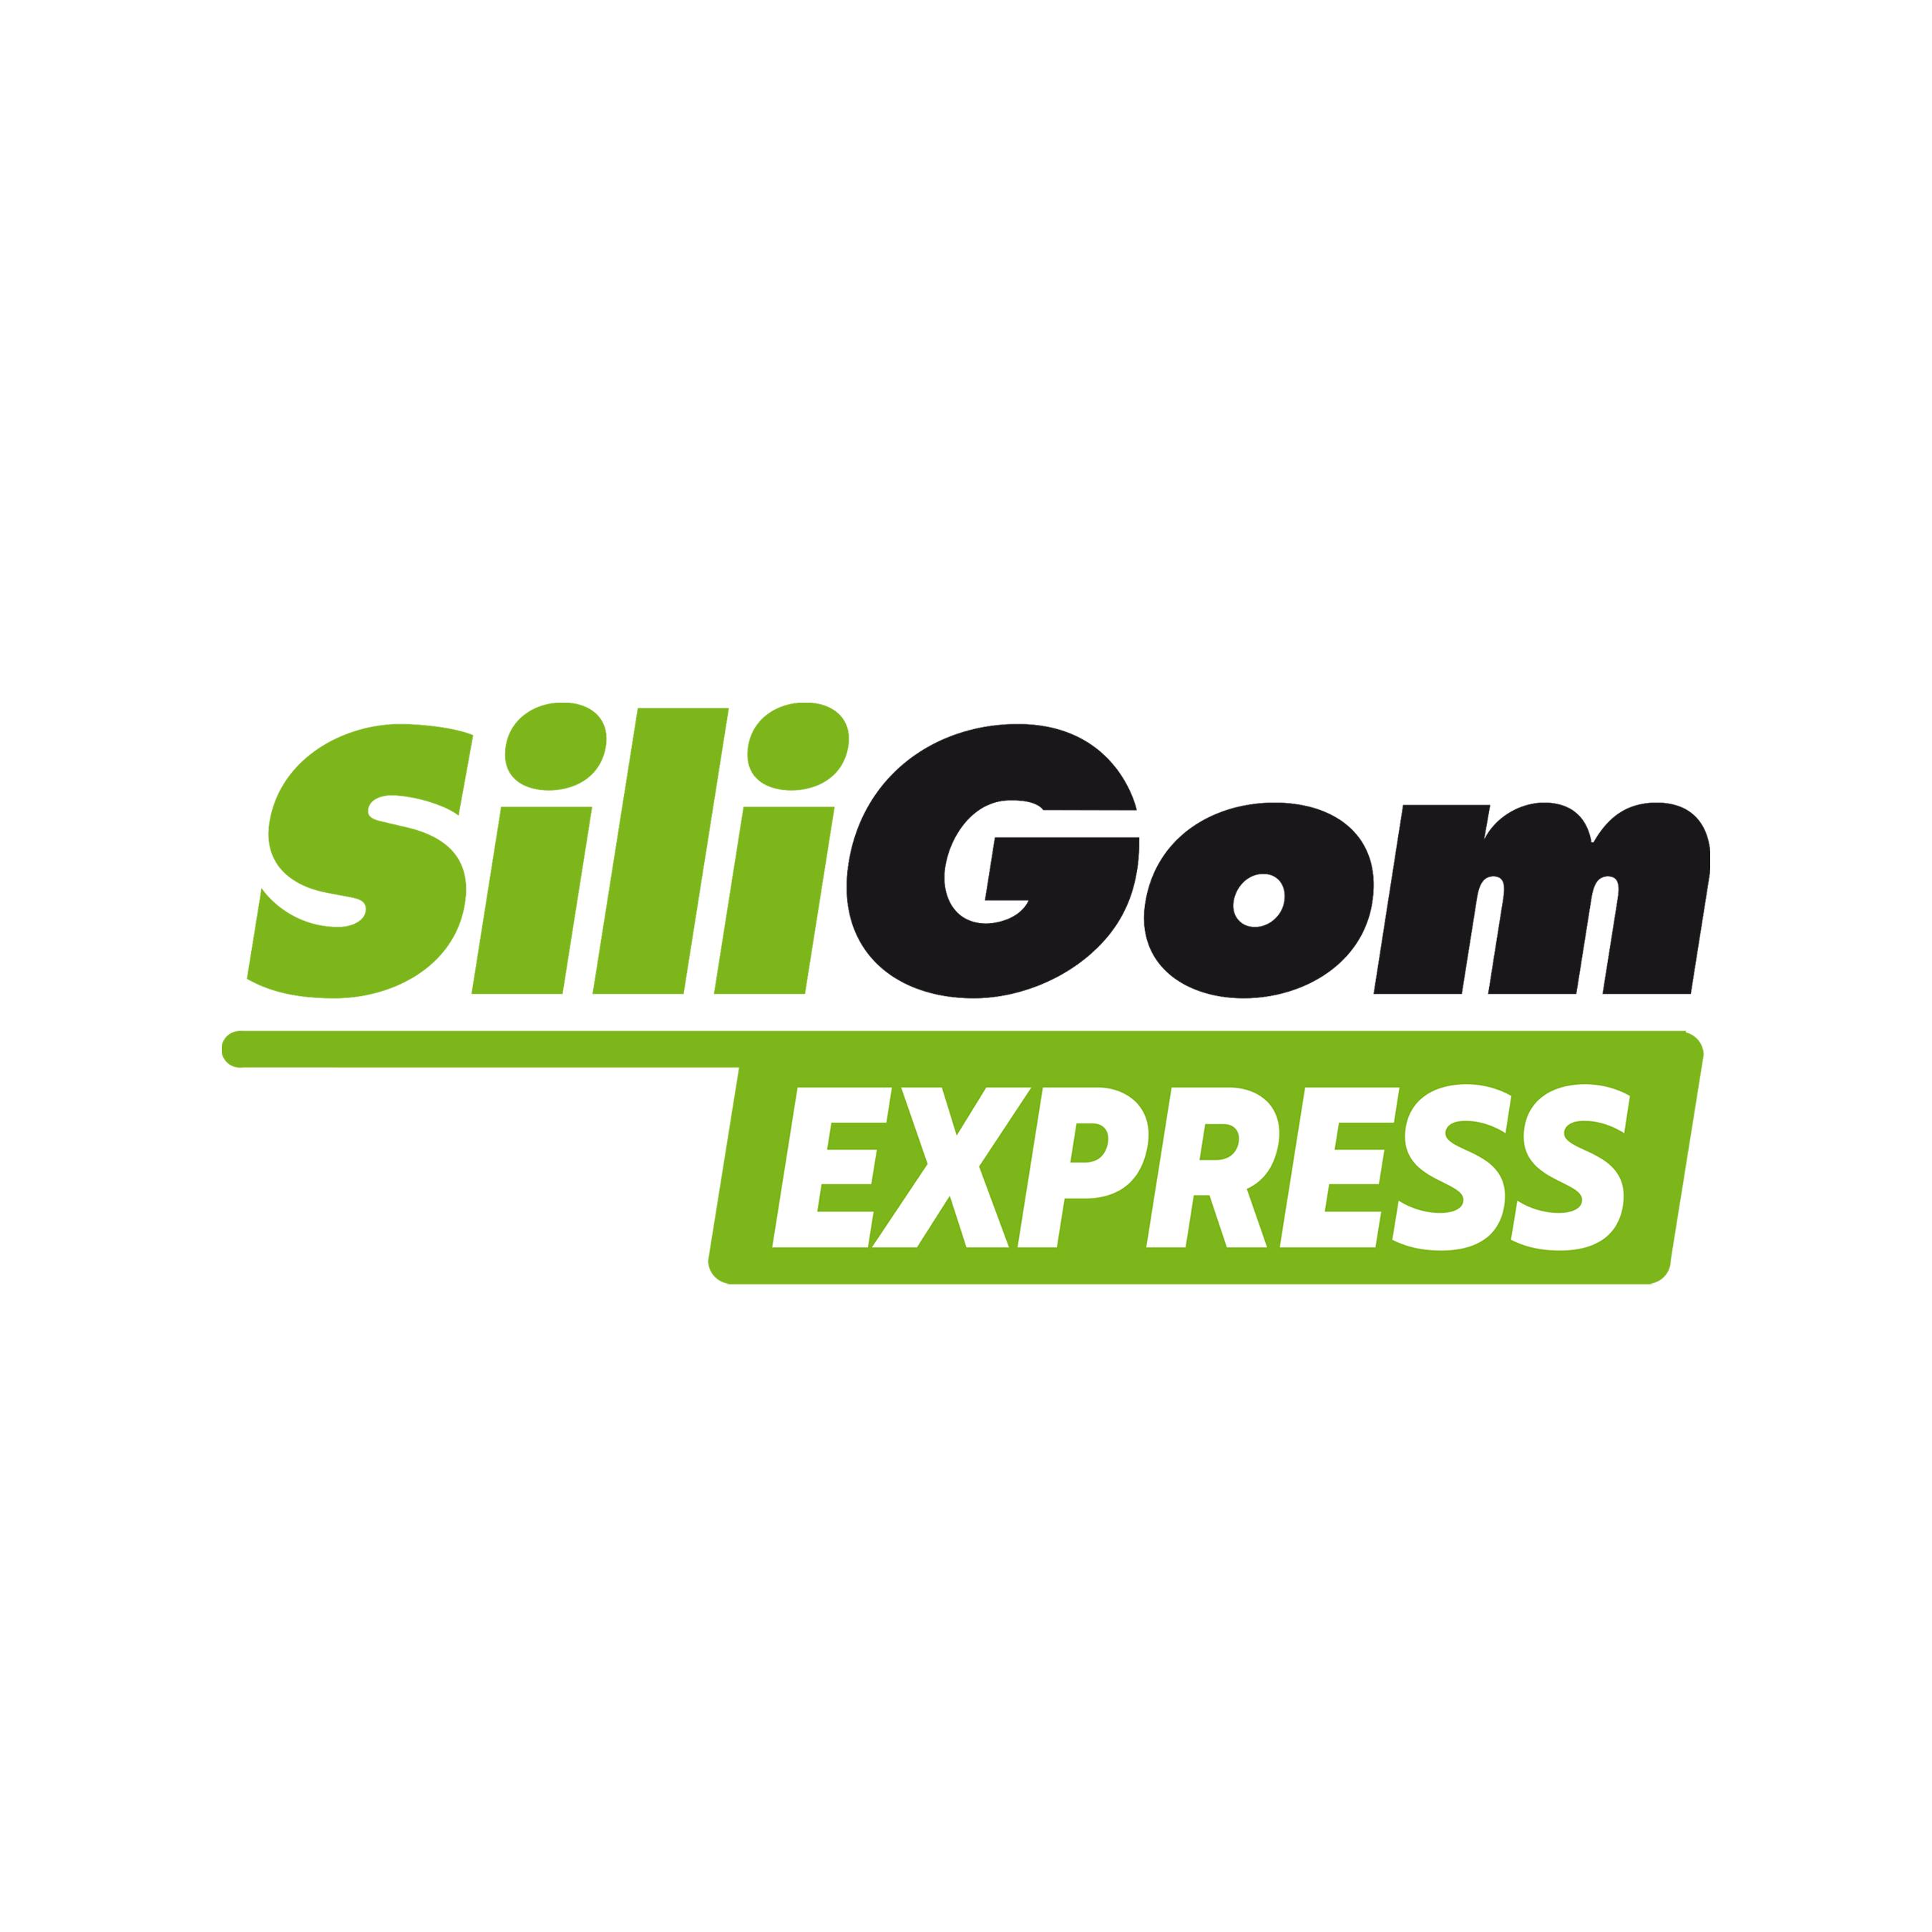 SILIGOM EXPRESS - MONTCEAU MECA-PNEUS